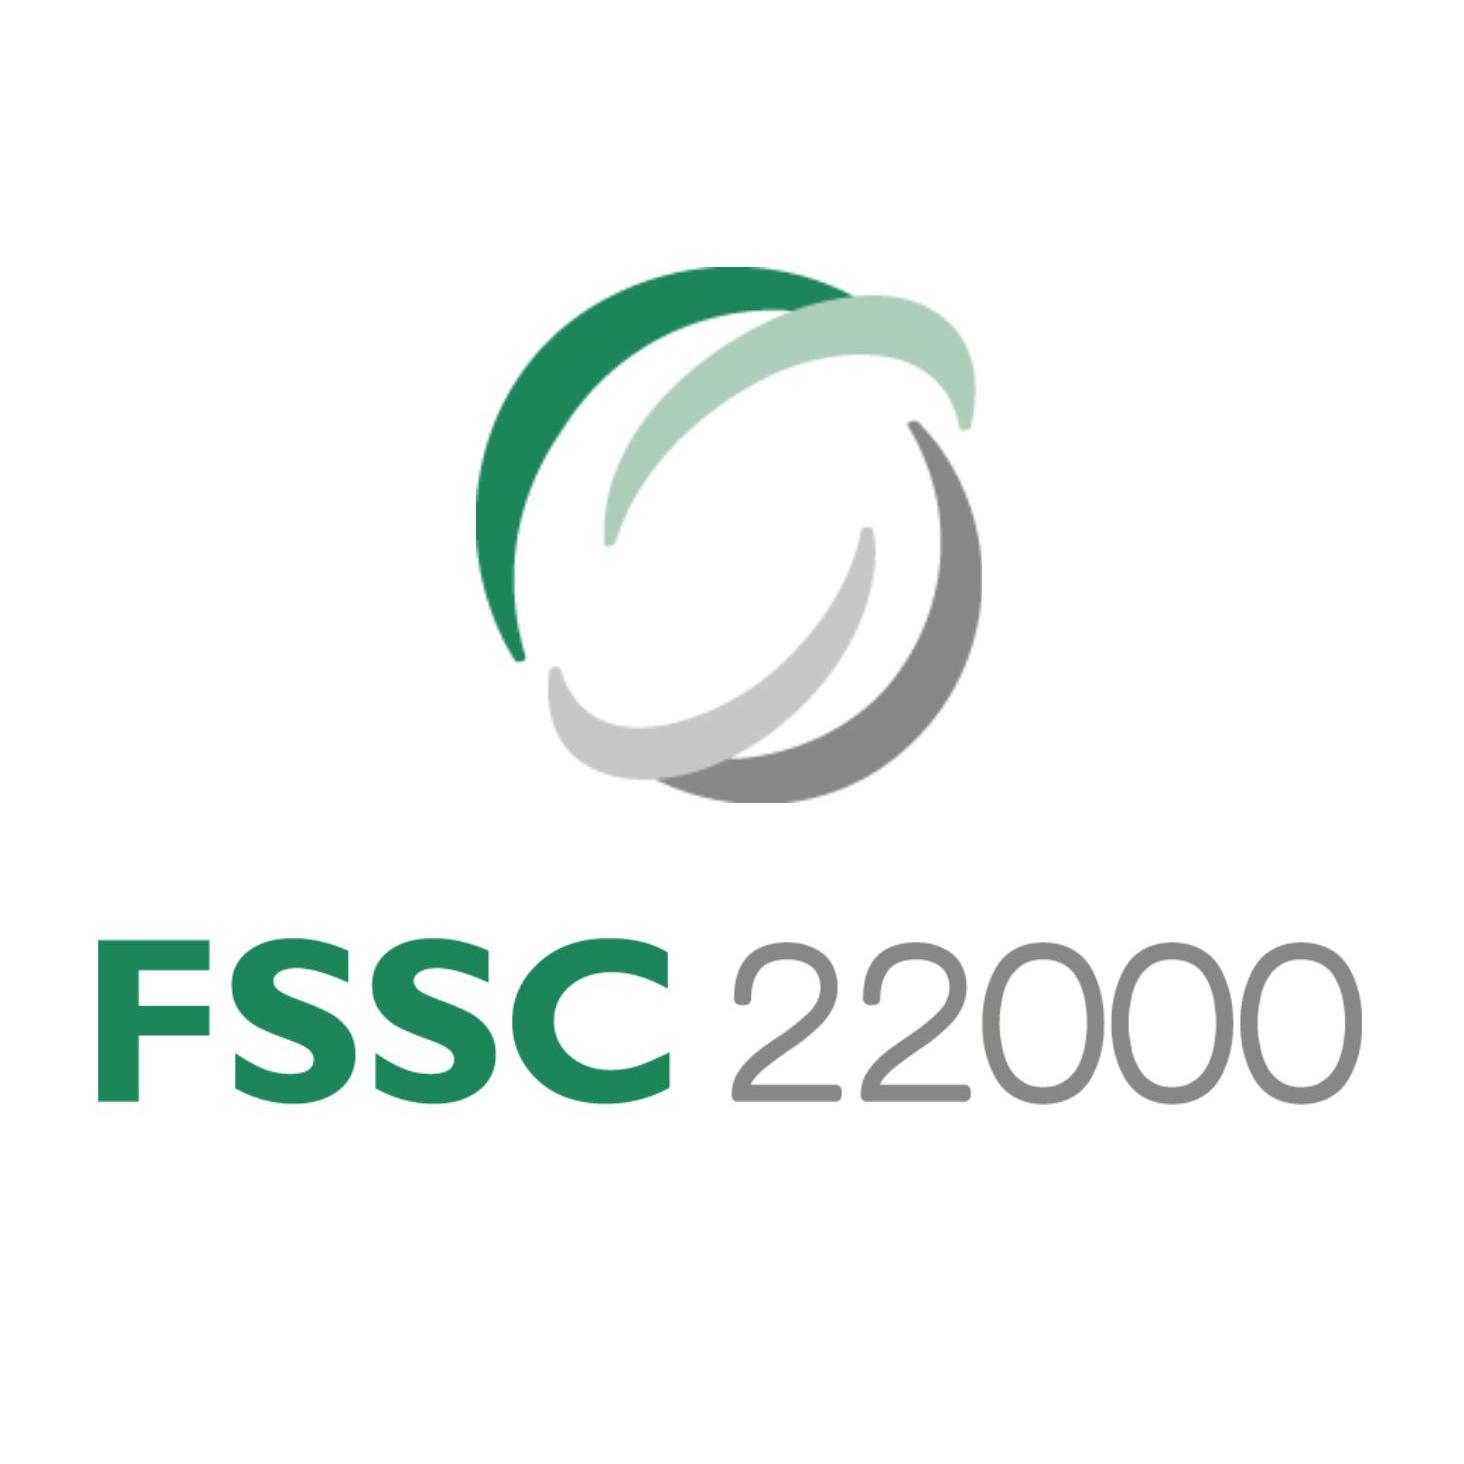 FSSC 22000 image